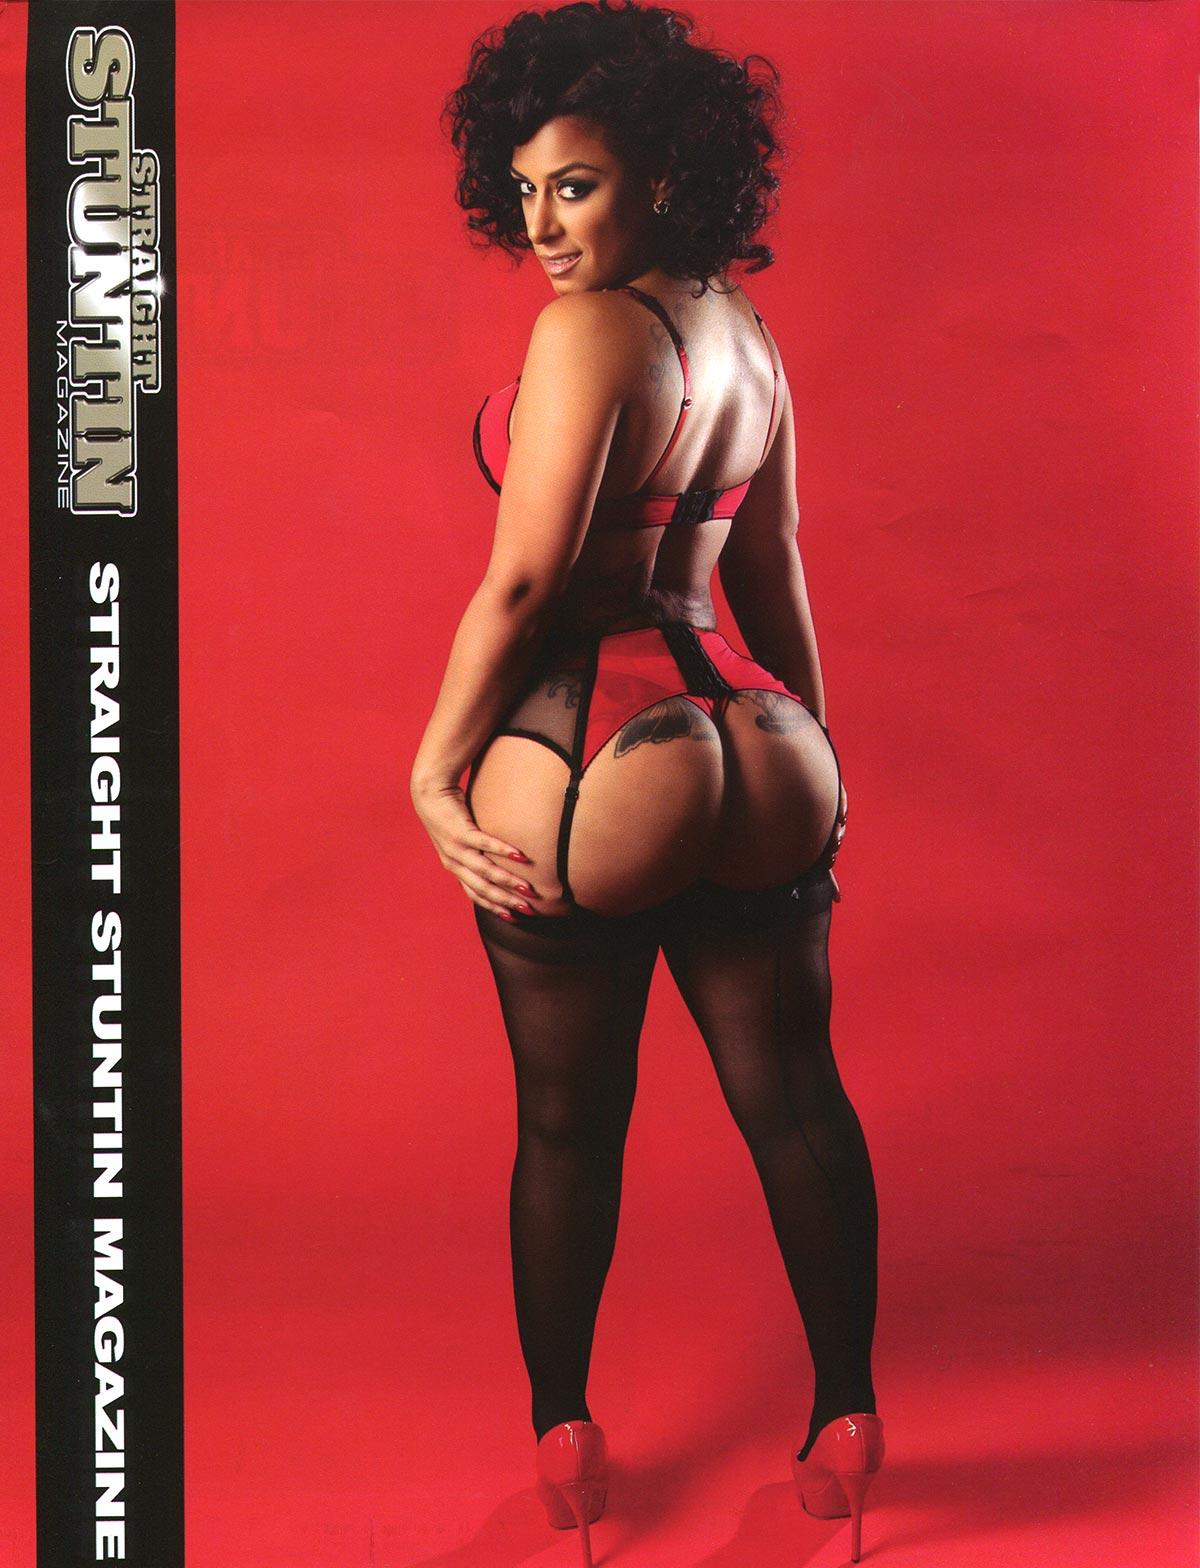 Sammi J Therealsammij Featured In Straight Stuntin -4502